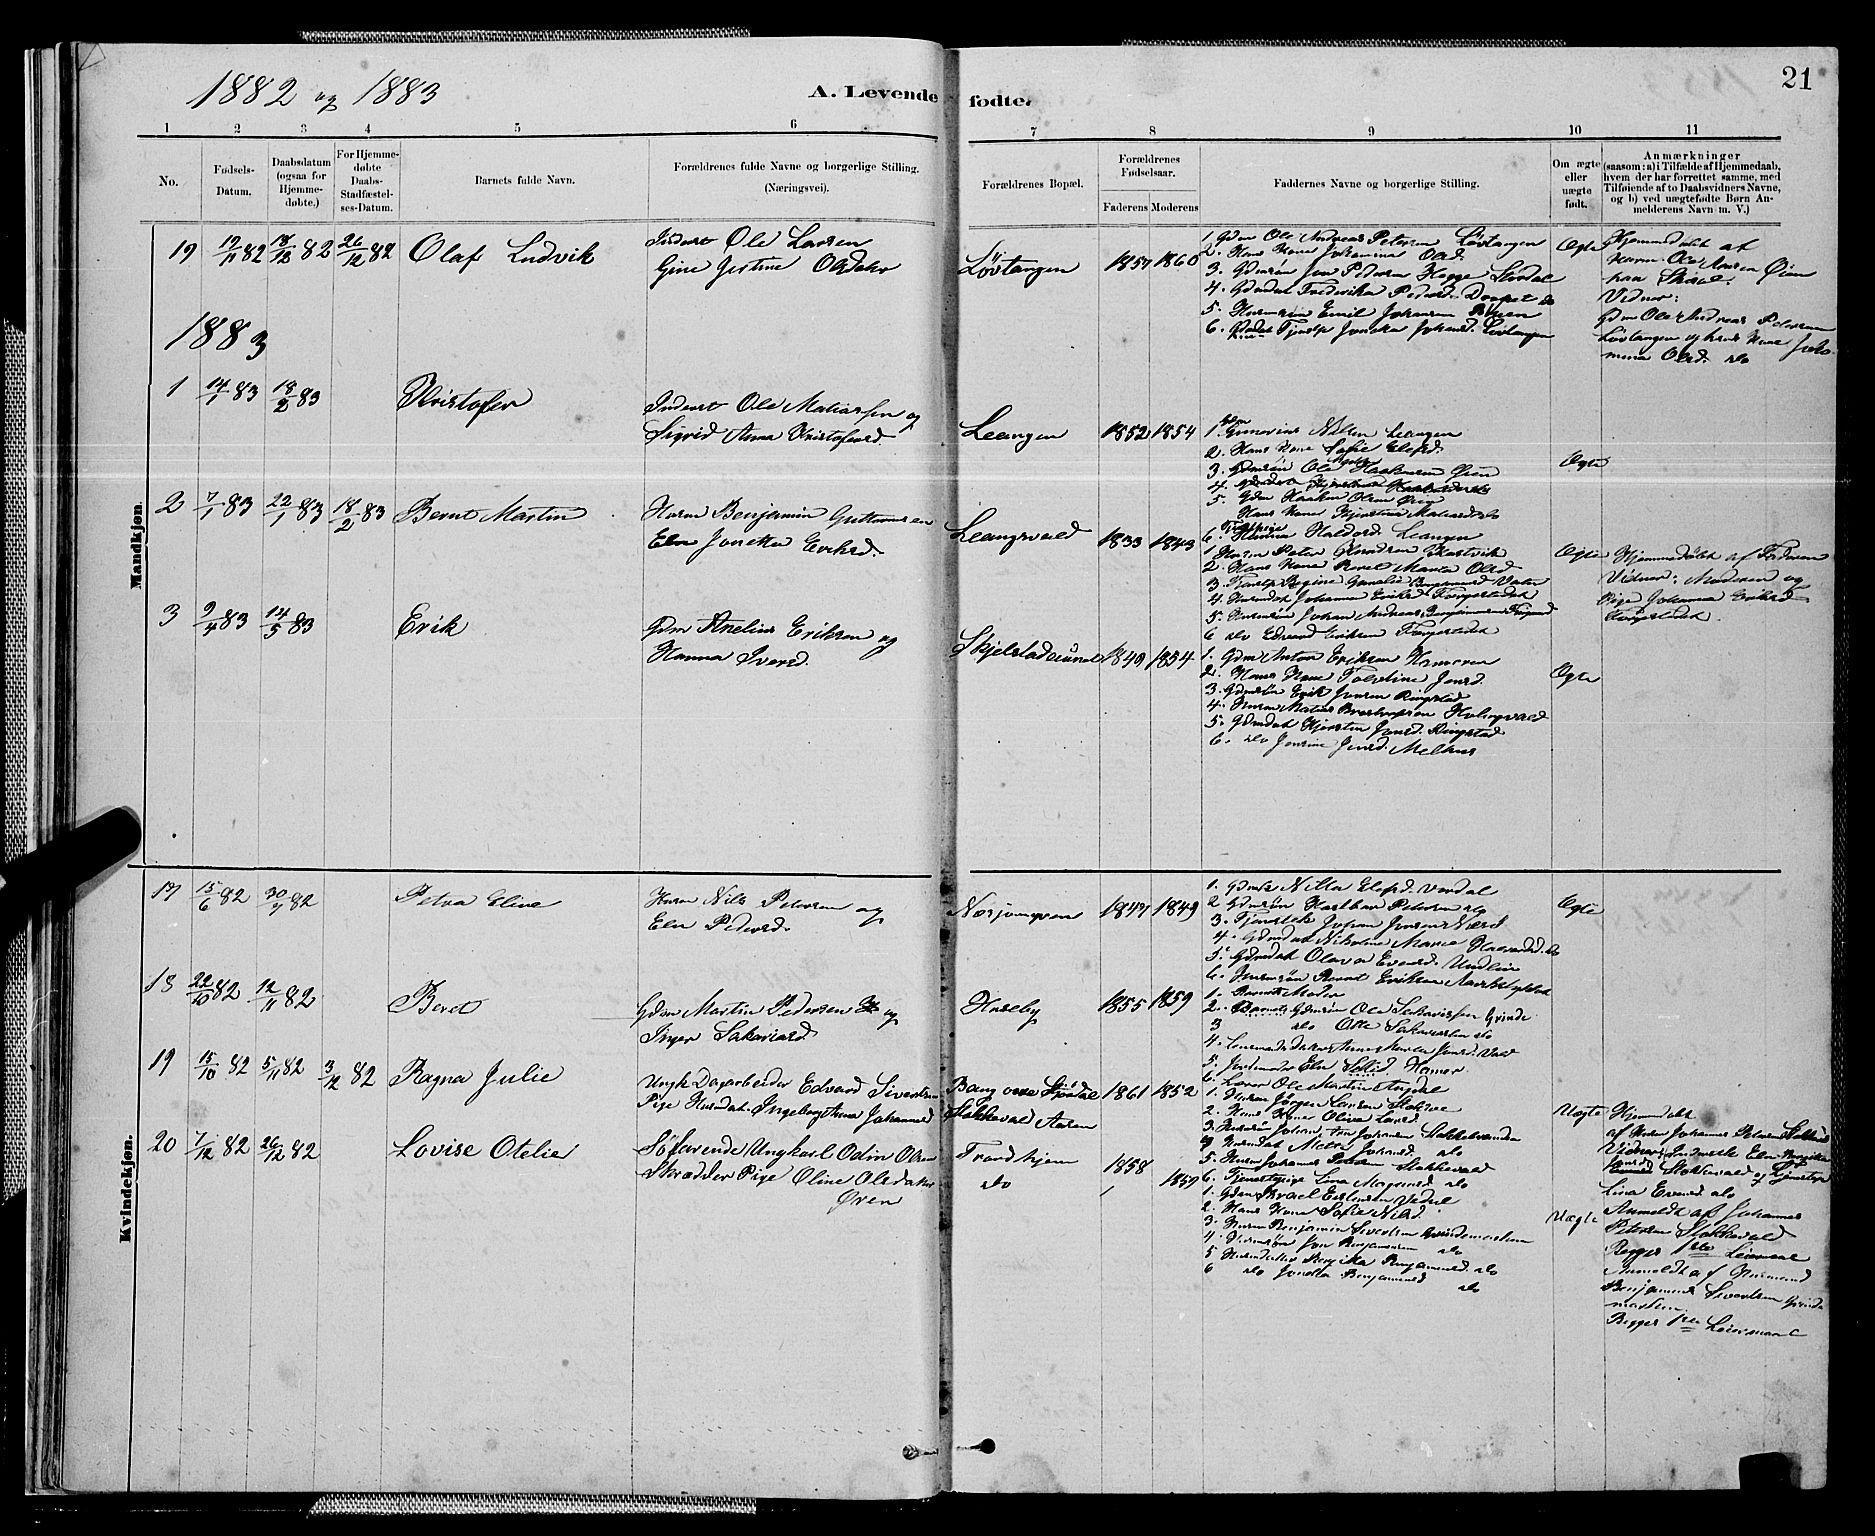 SAT, Ministerialprotokoller, klokkerbøker og fødselsregistre - Nord-Trøndelag, 714/L0134: Klokkerbok nr. 714C03, 1878-1898, s. 21